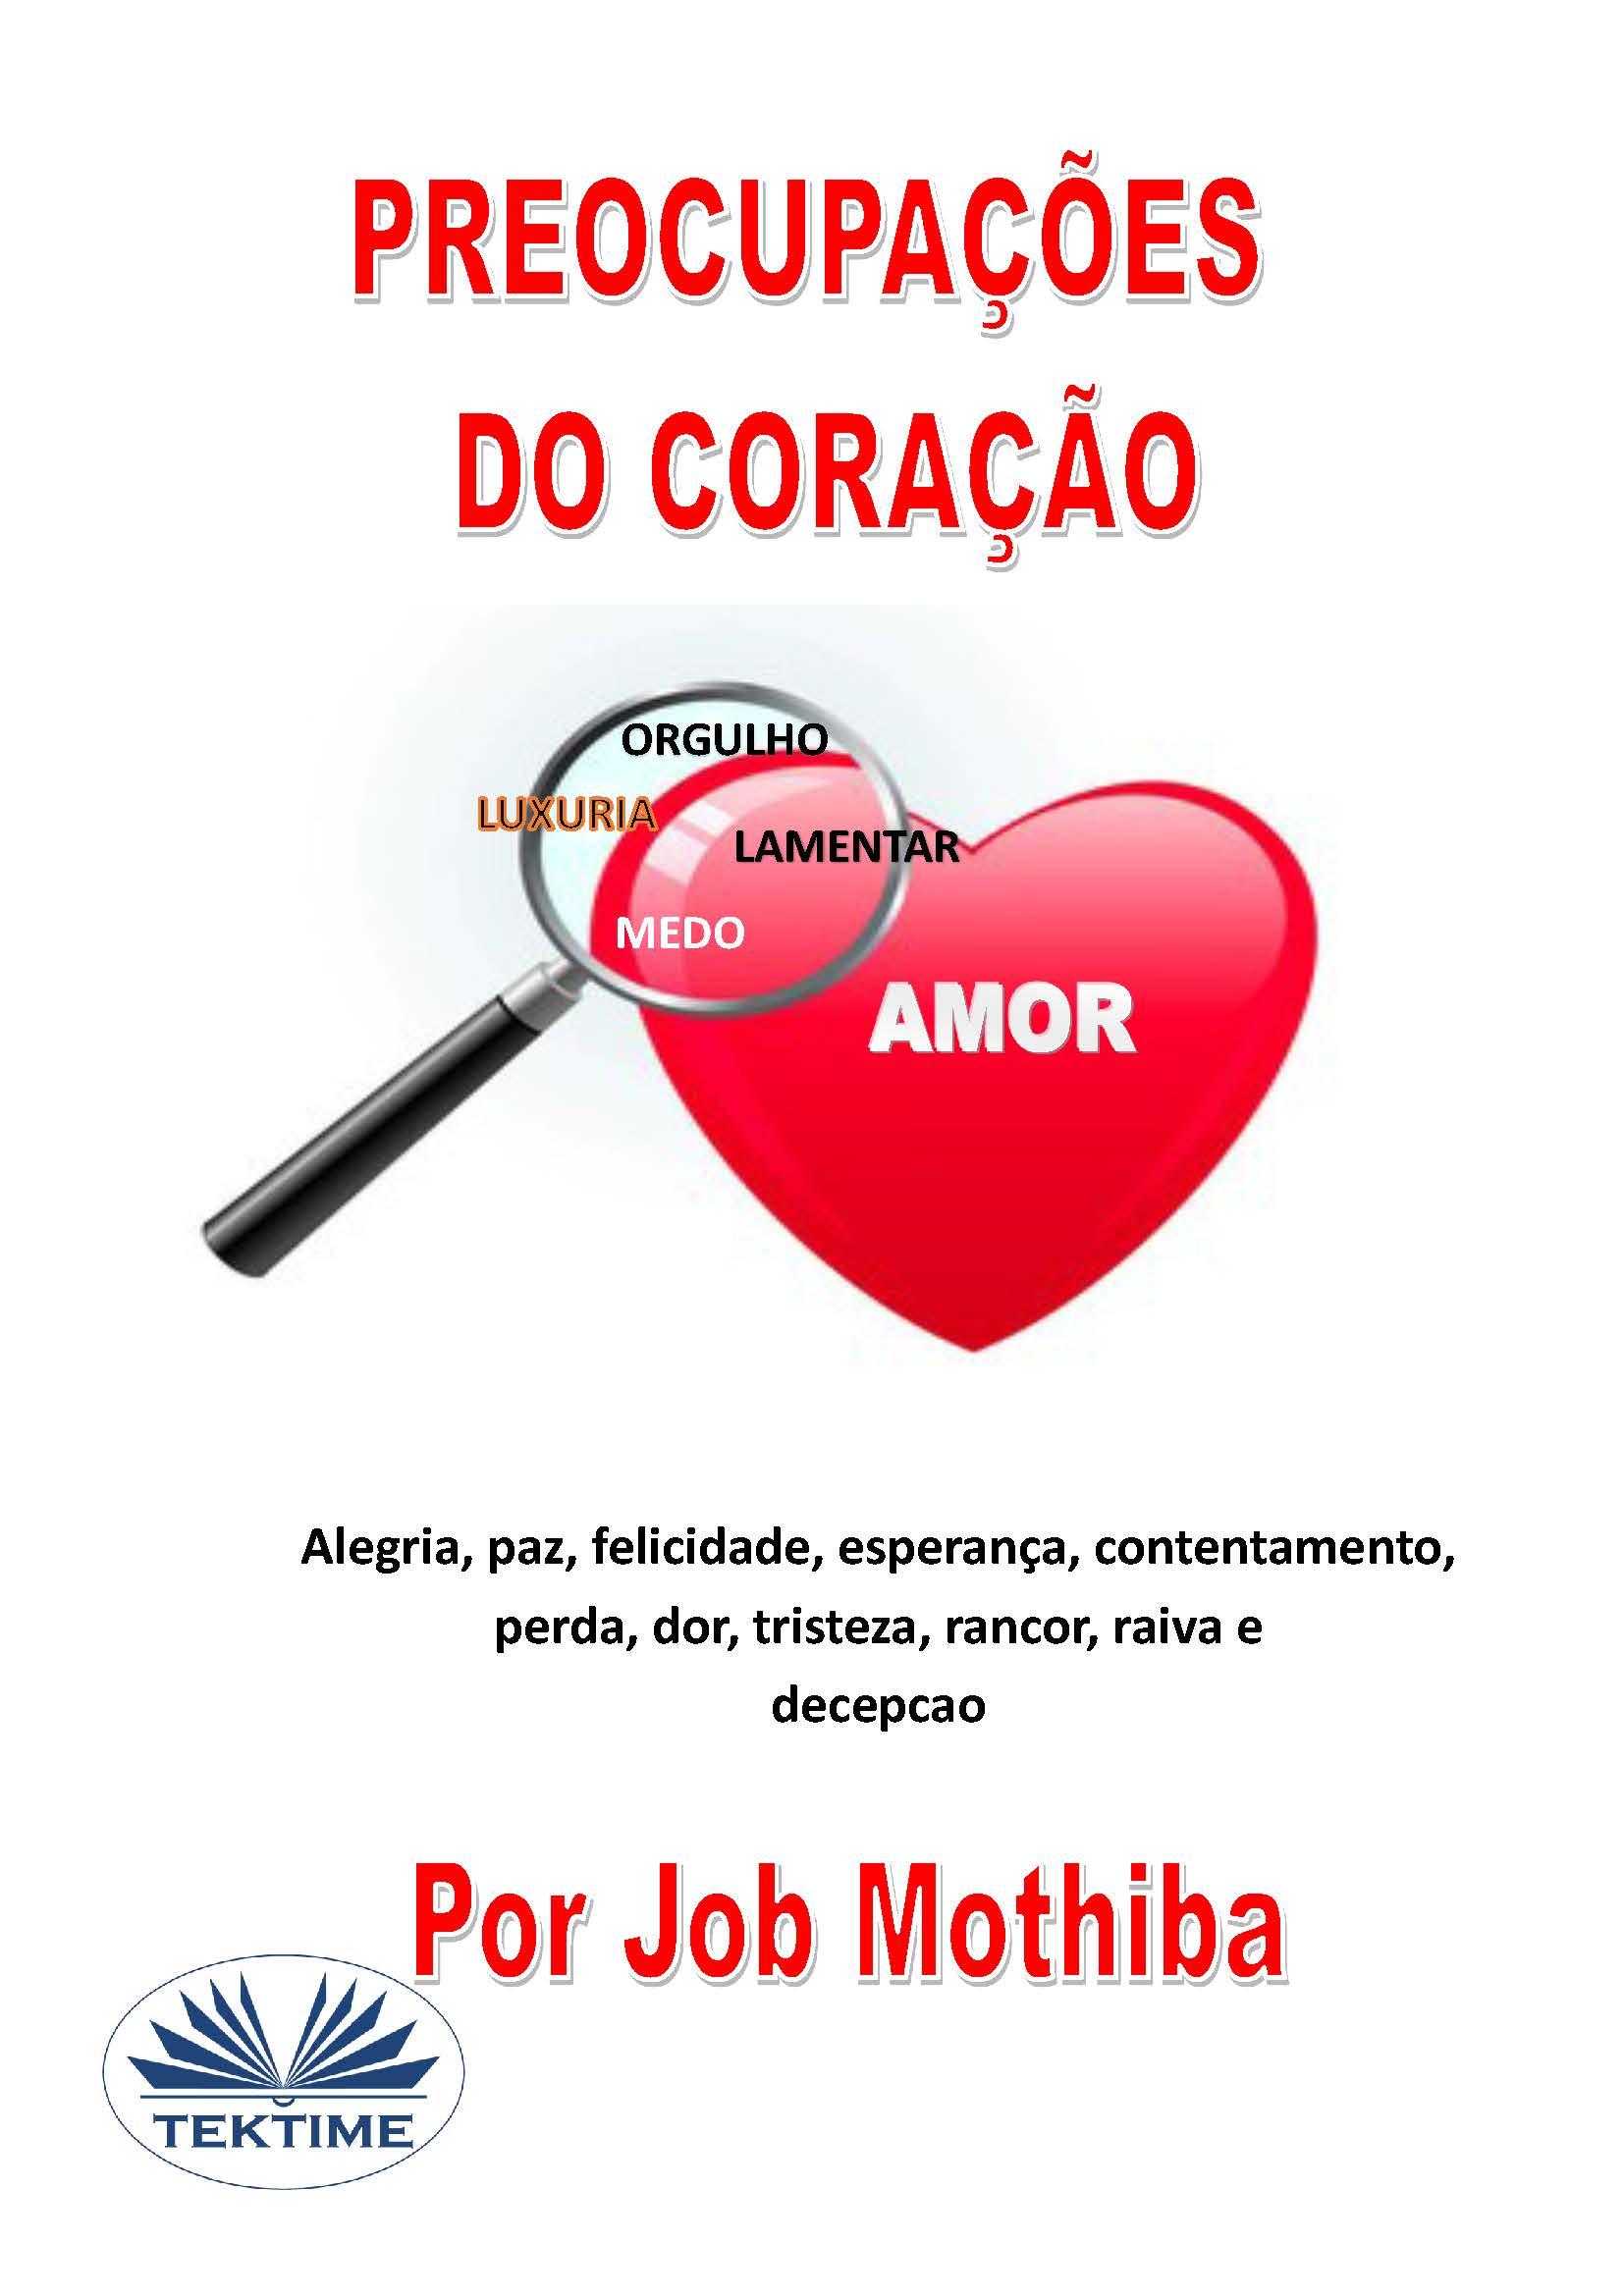 Job Mothiba Preocupações Do Coração a v e аптека официальный